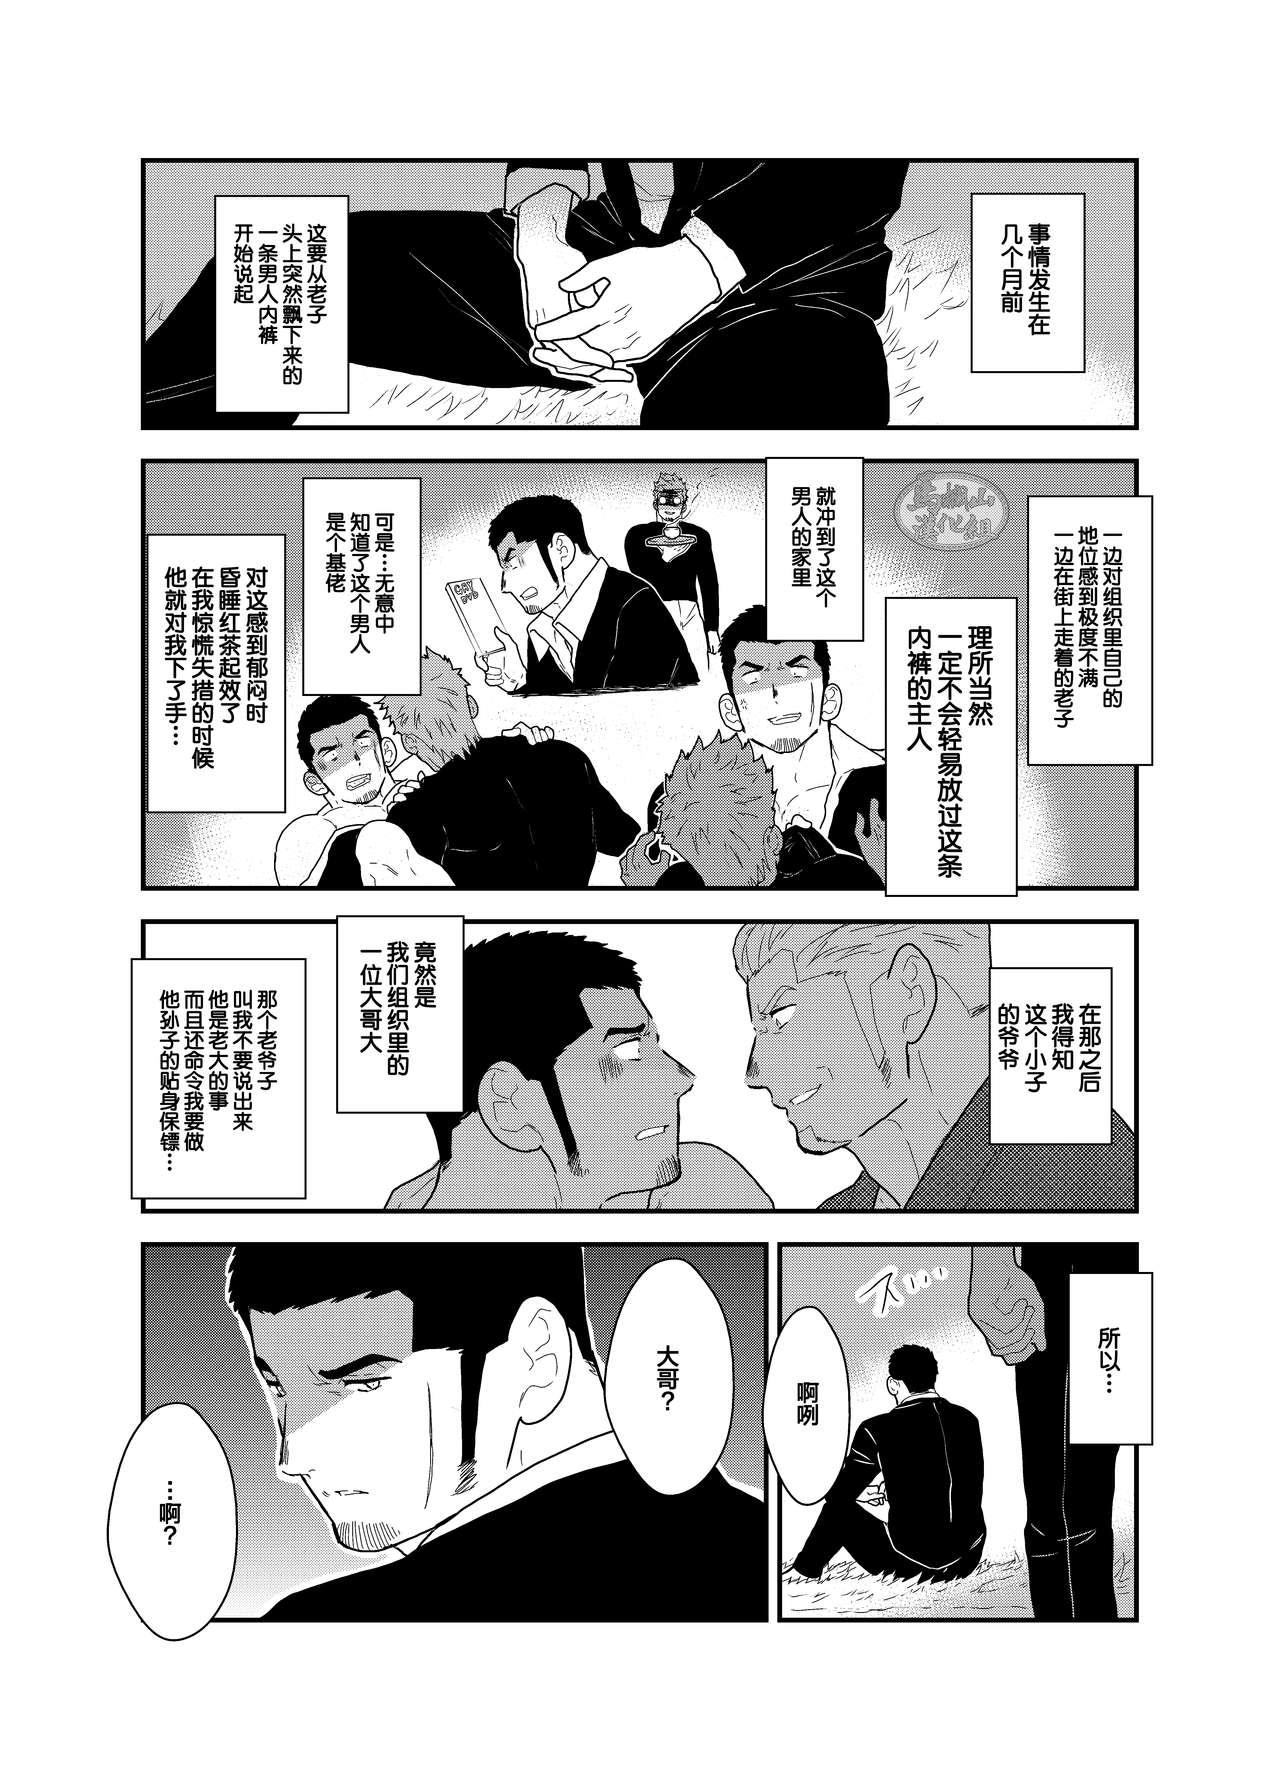 Moshimo Yakuza ni Koigokoro ga Mebae Hajimetara 2